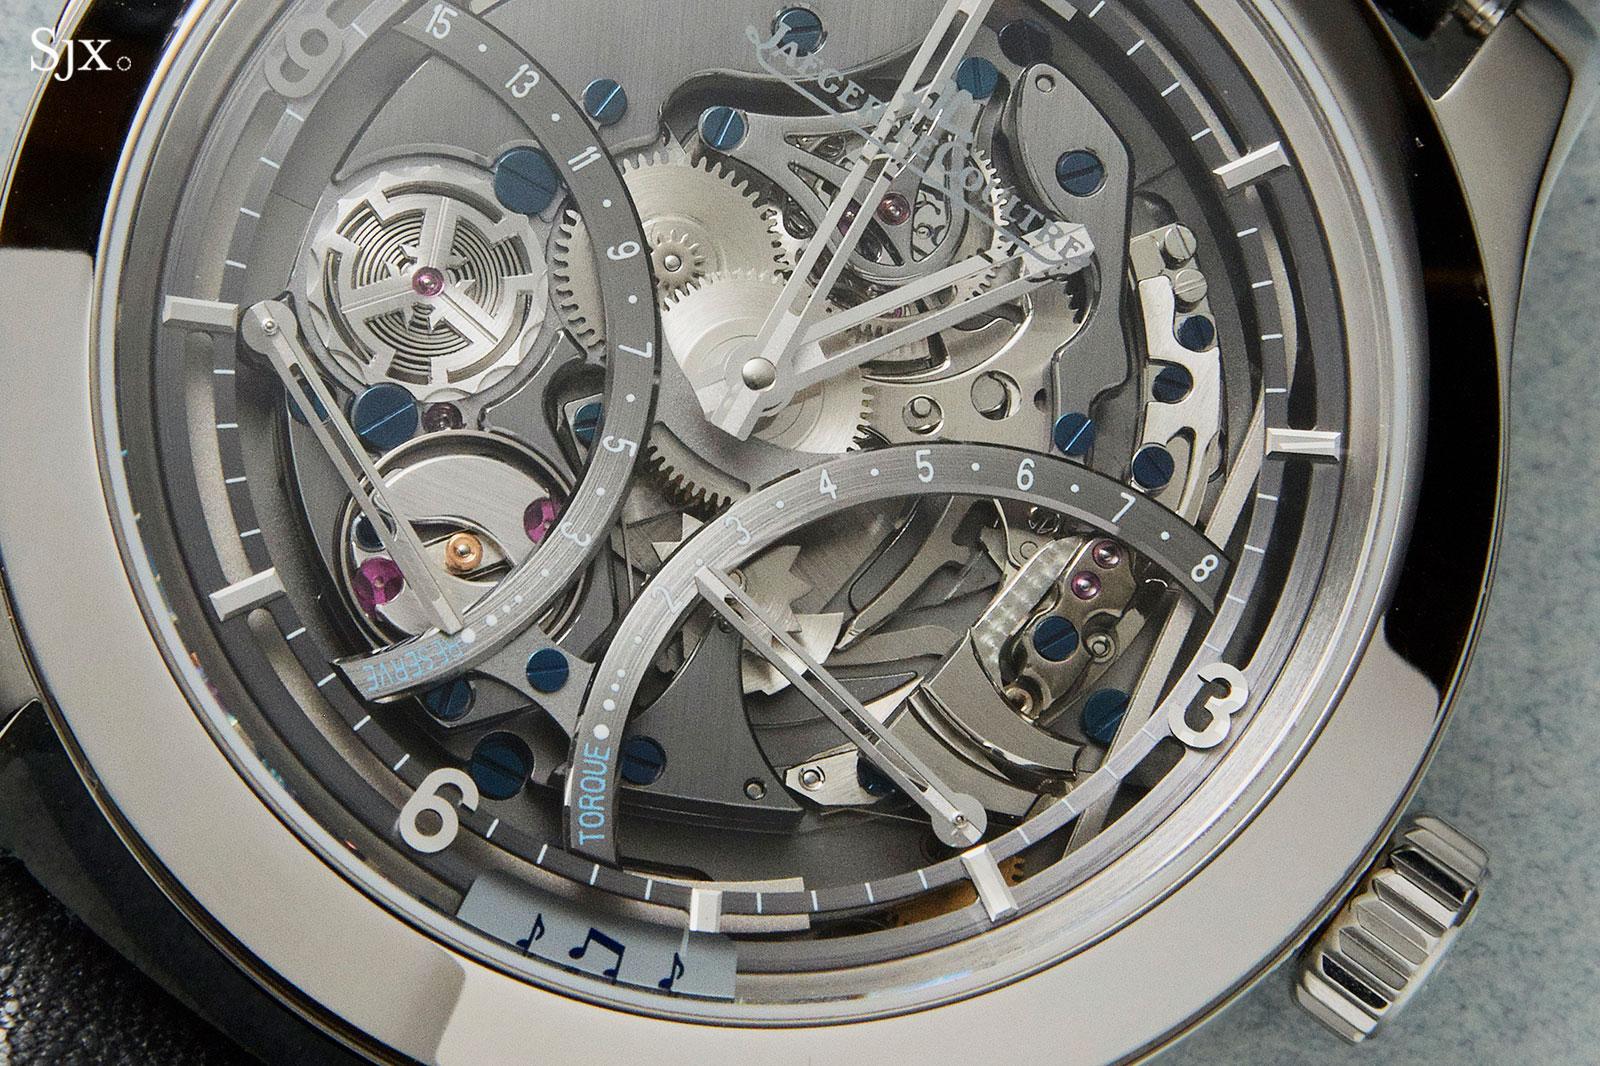 Jaeger-LeCoultre Master Minute Repeater titanium 1